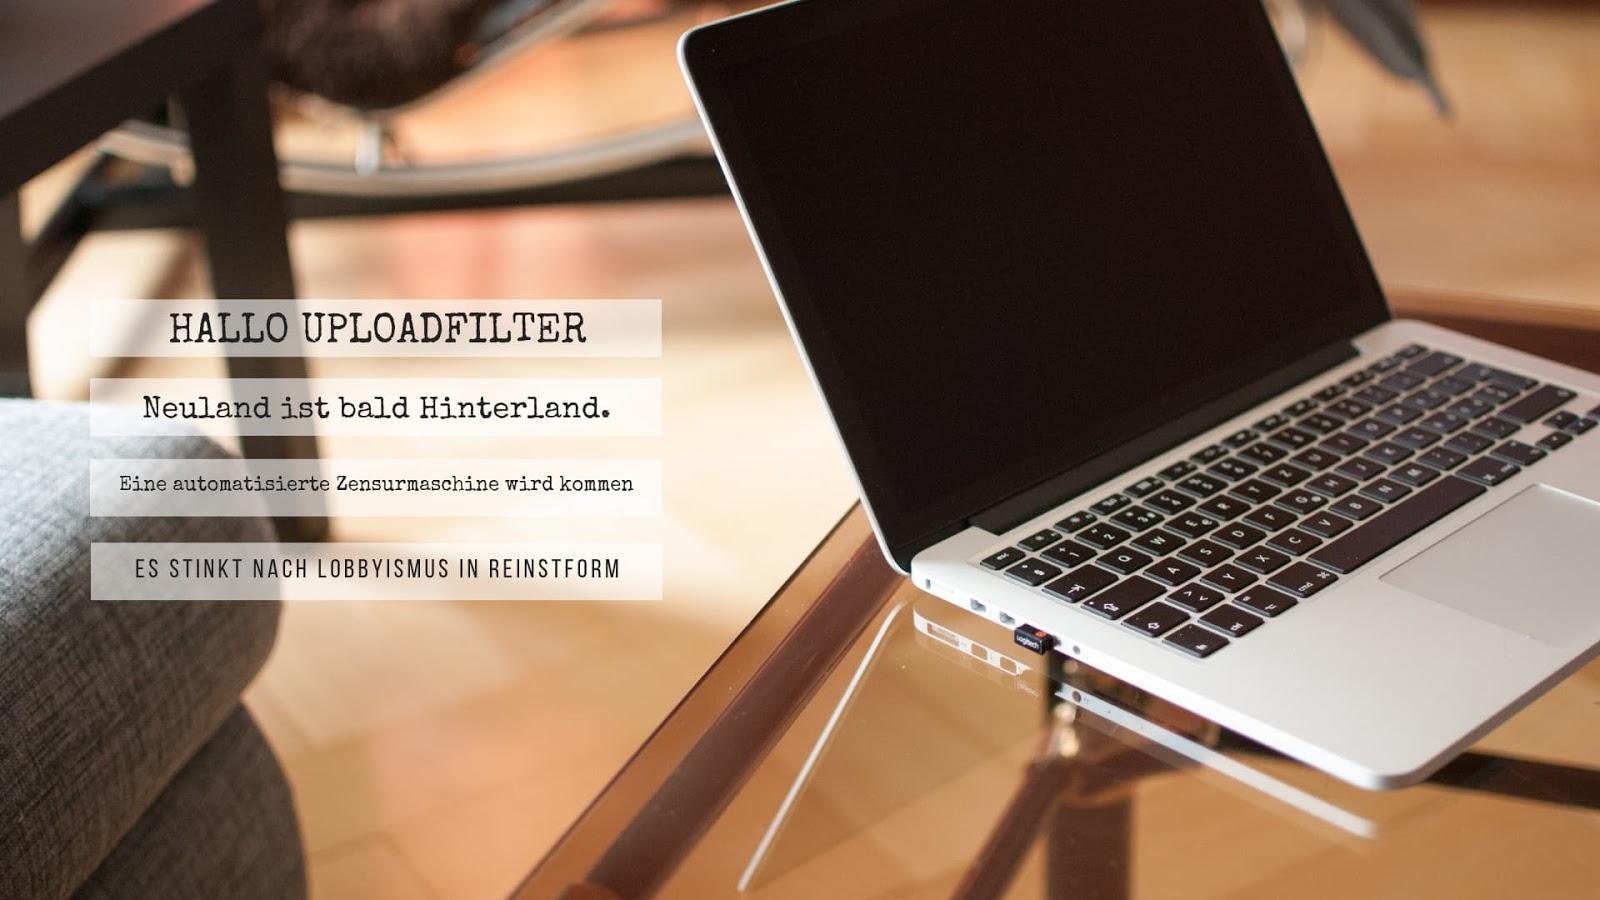 SINNIEREN TEIL XI | HALLO UPLOADFILTER - WTF!?